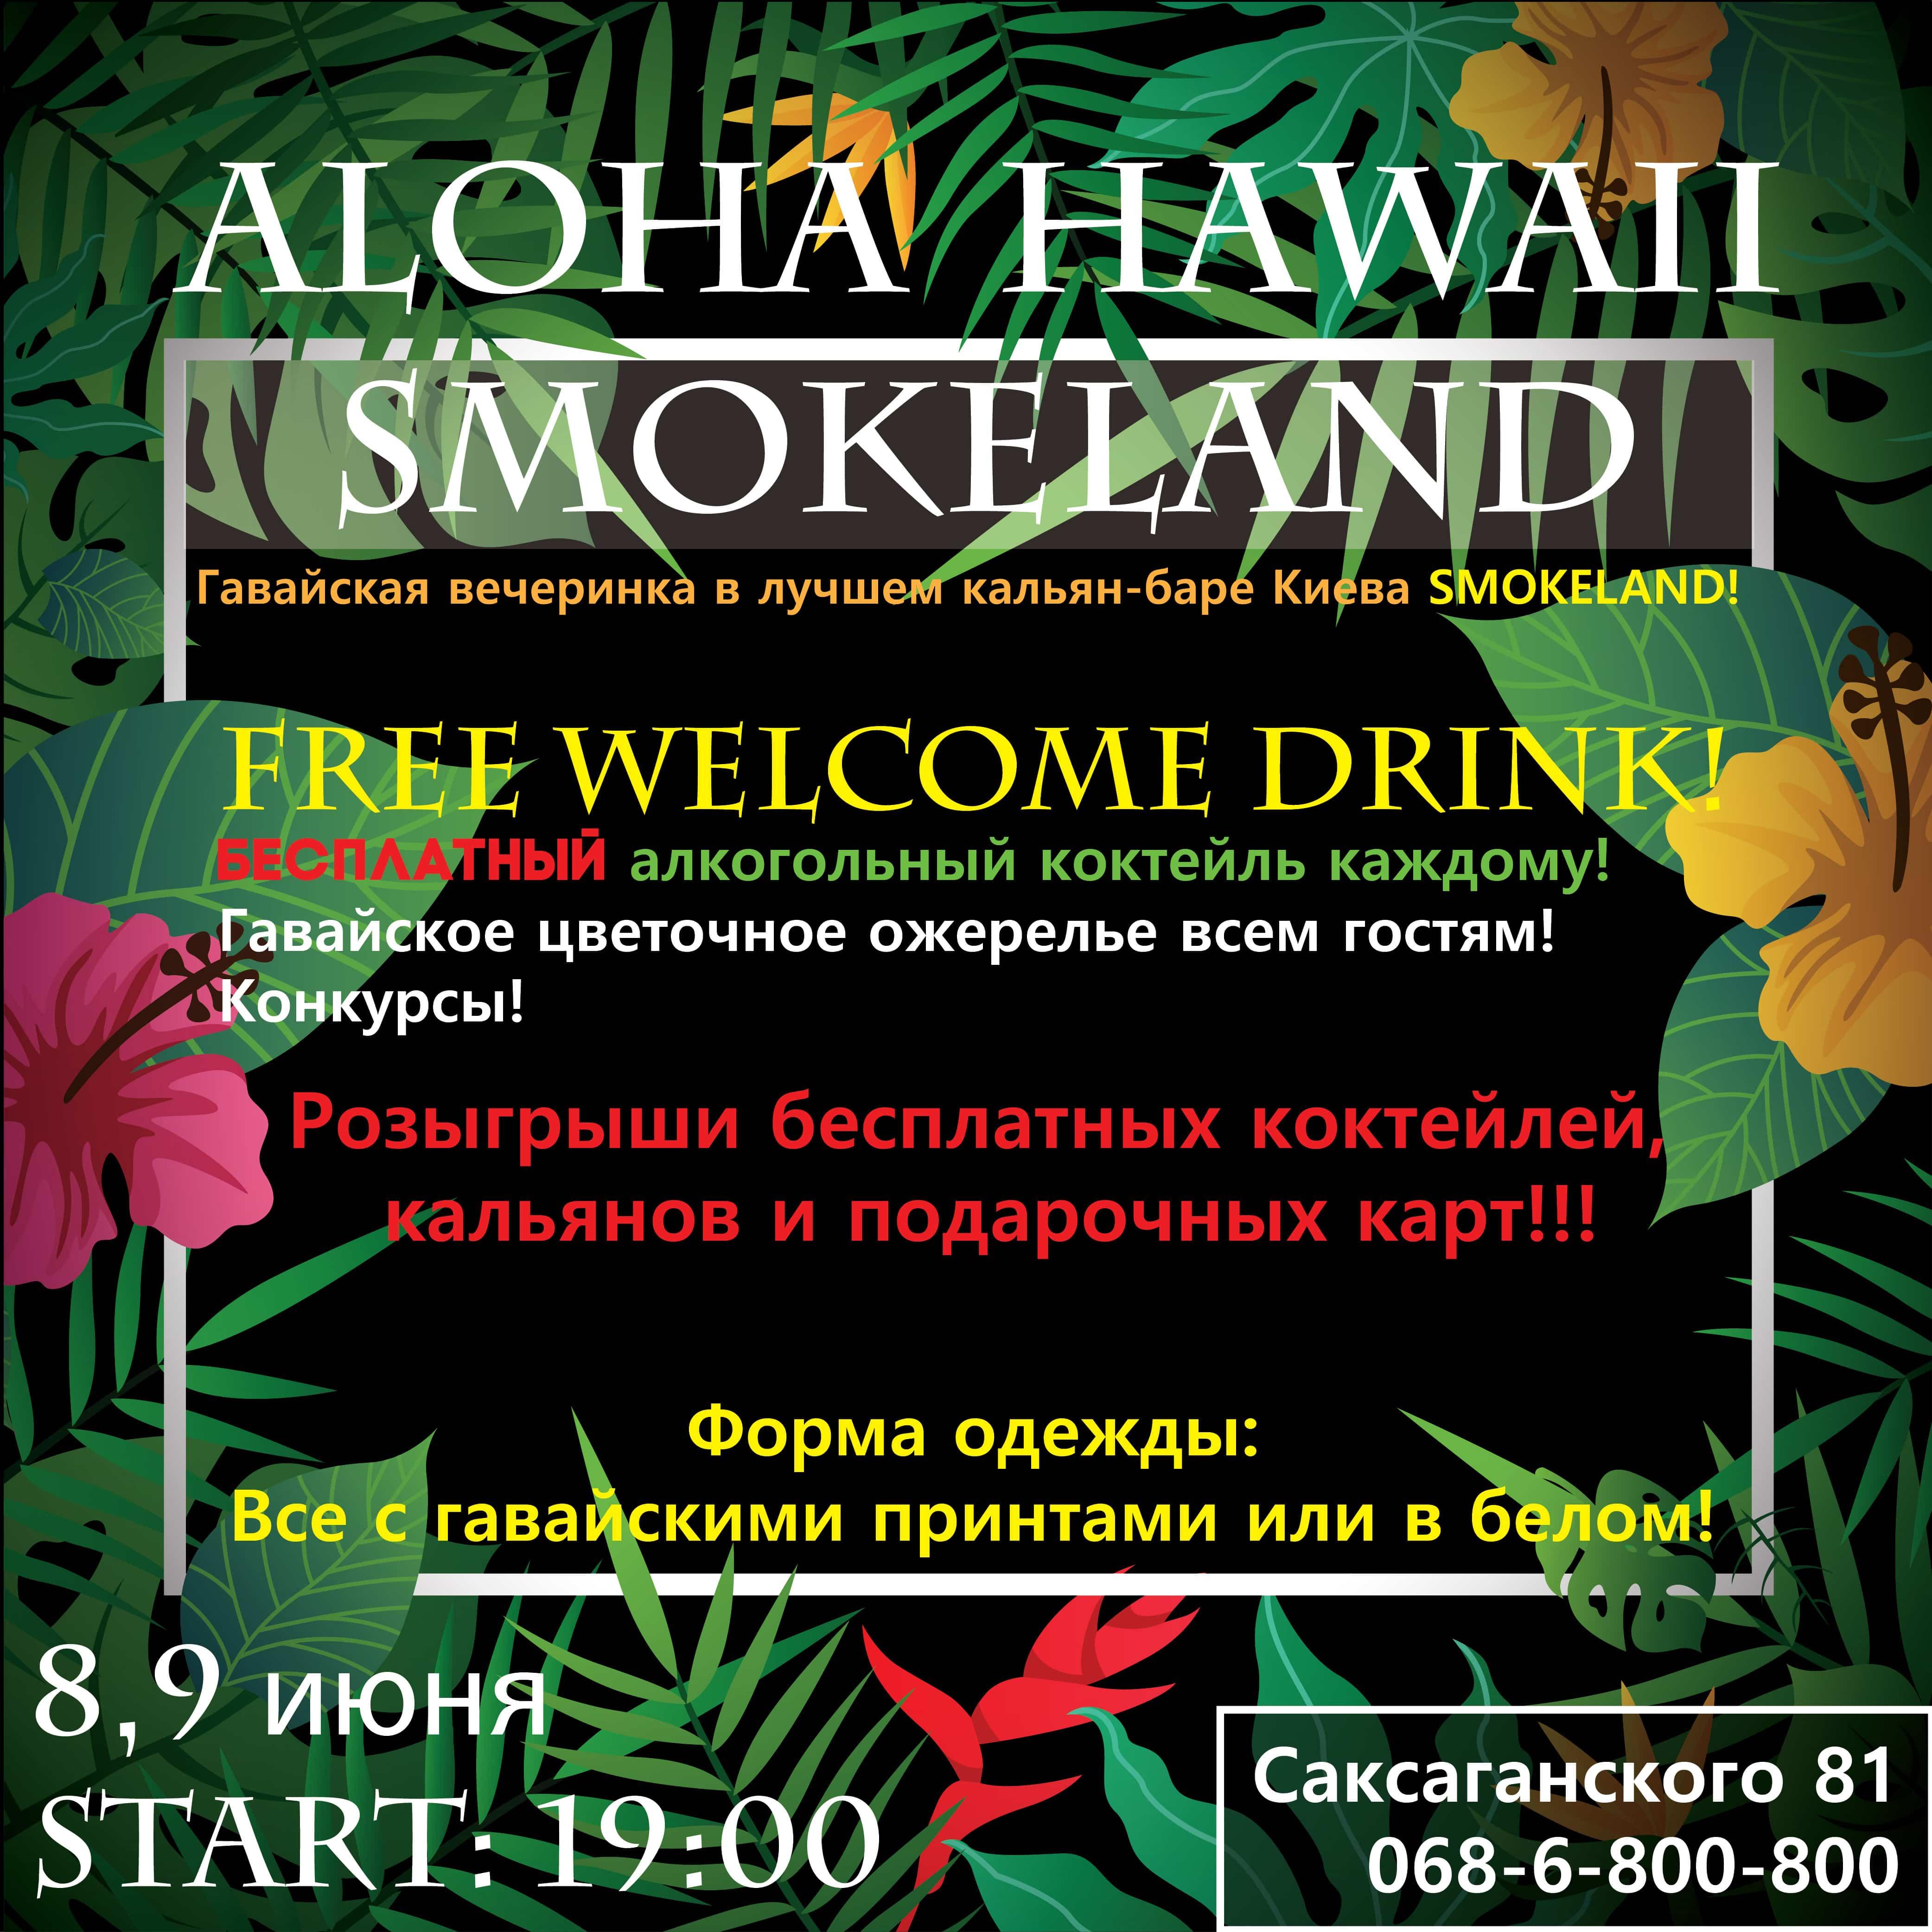 ALOHA HAWAII PARTY SMOKELAND , кальян бар киев, где покурить кальян киев, начало лета киев, вечеринка киев, лучший кальян киев, кальянная киев